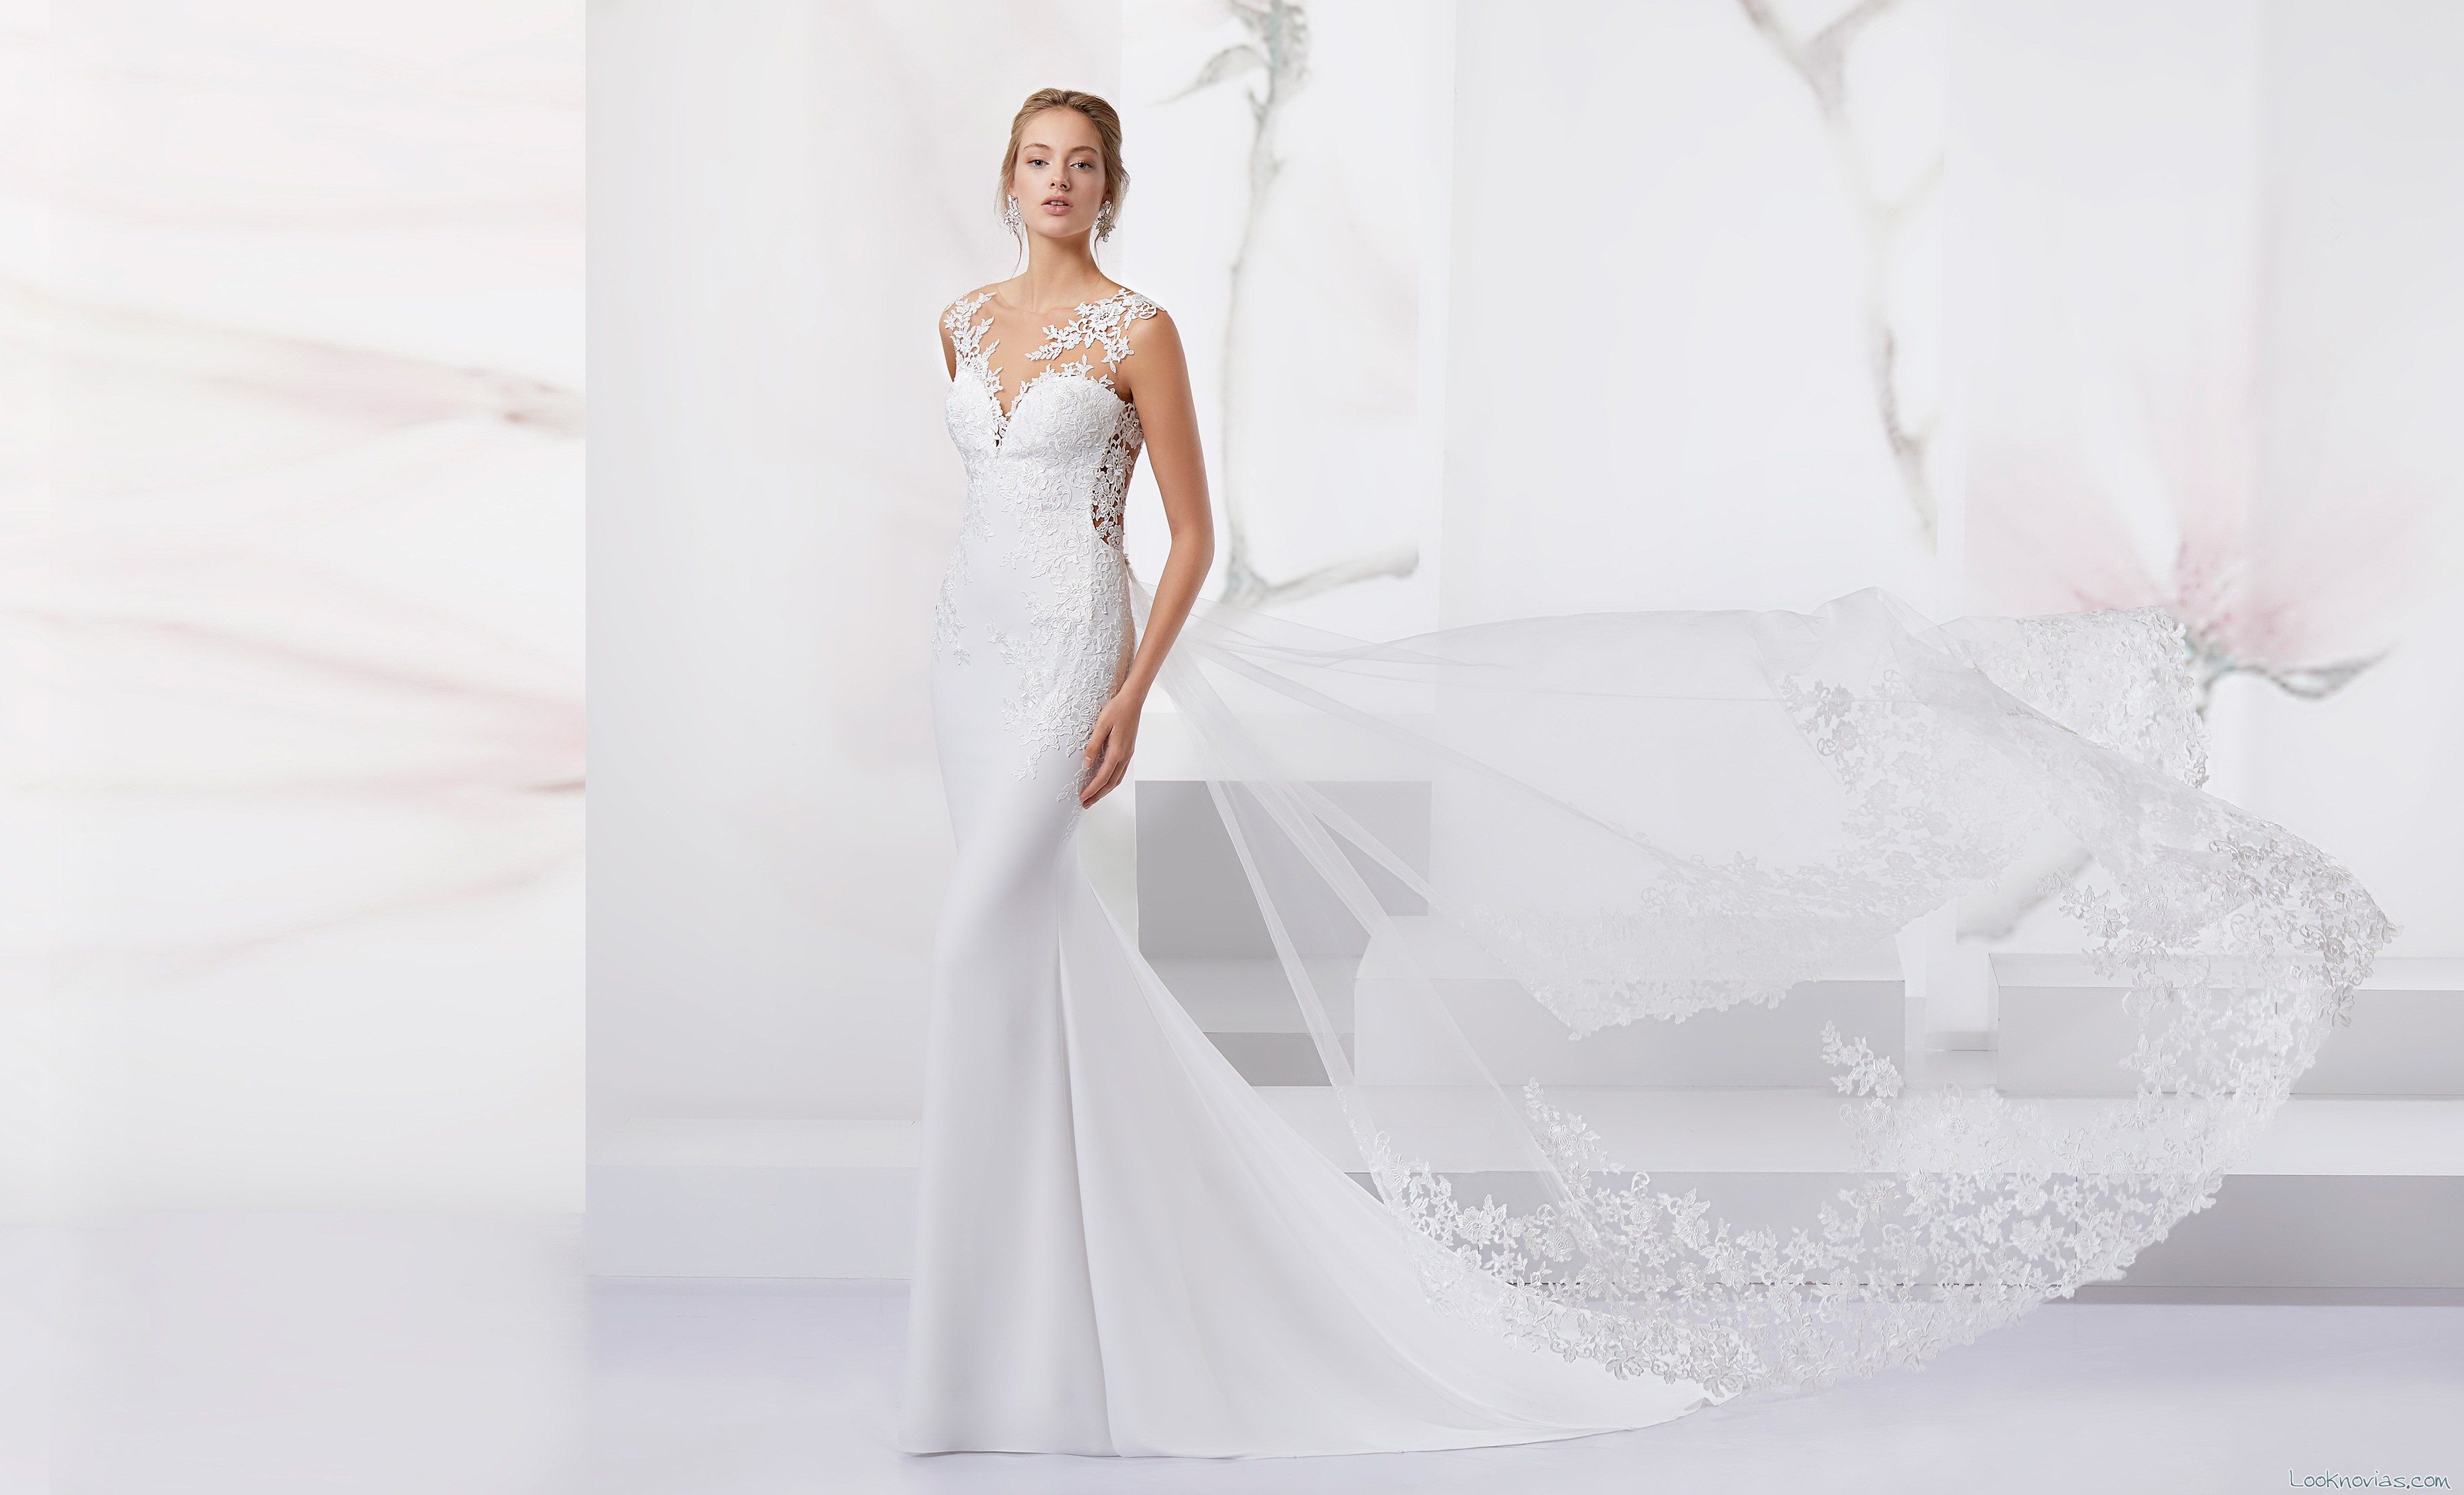 vestido jolies novias con escote fantasía